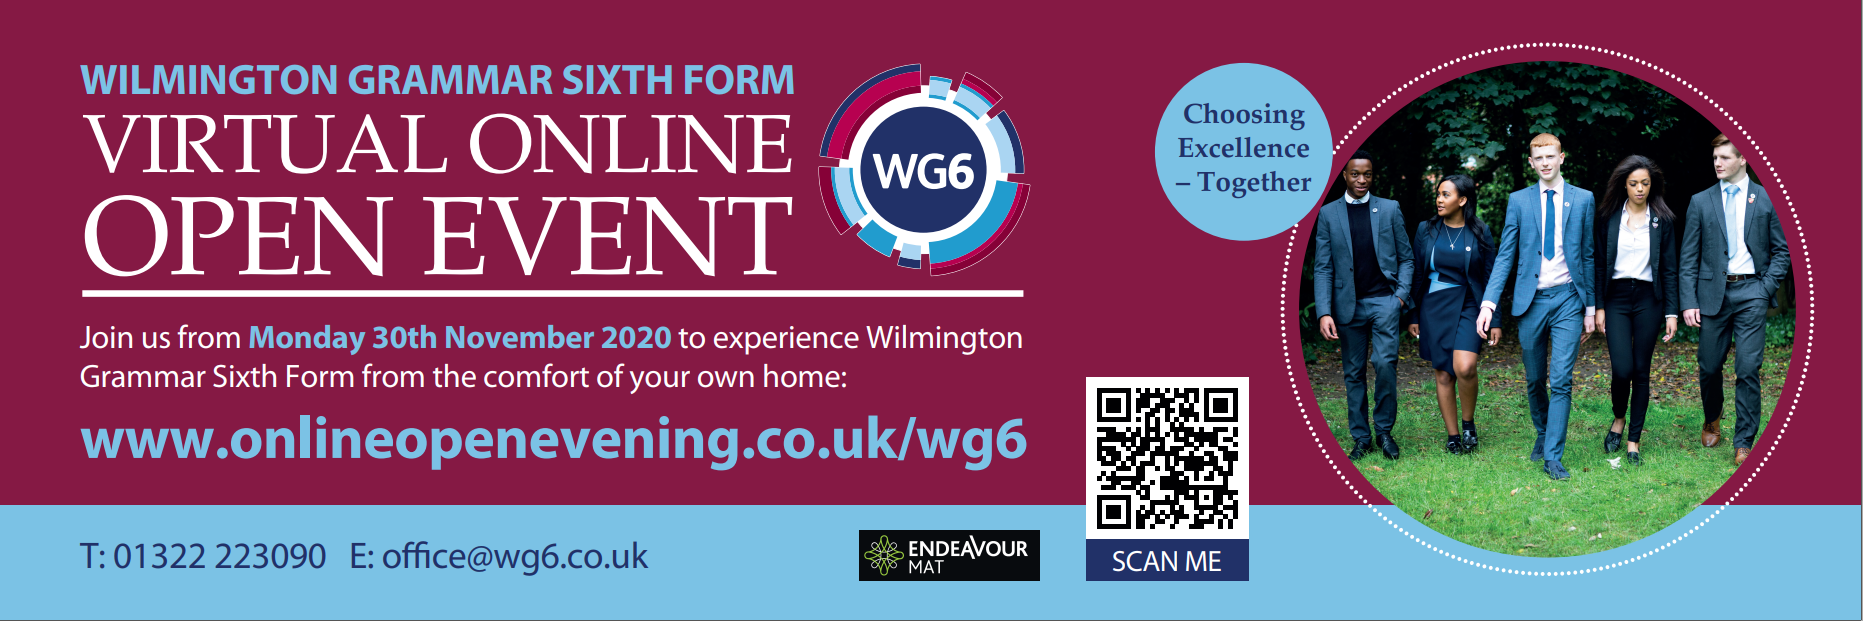 WG6 Open Event